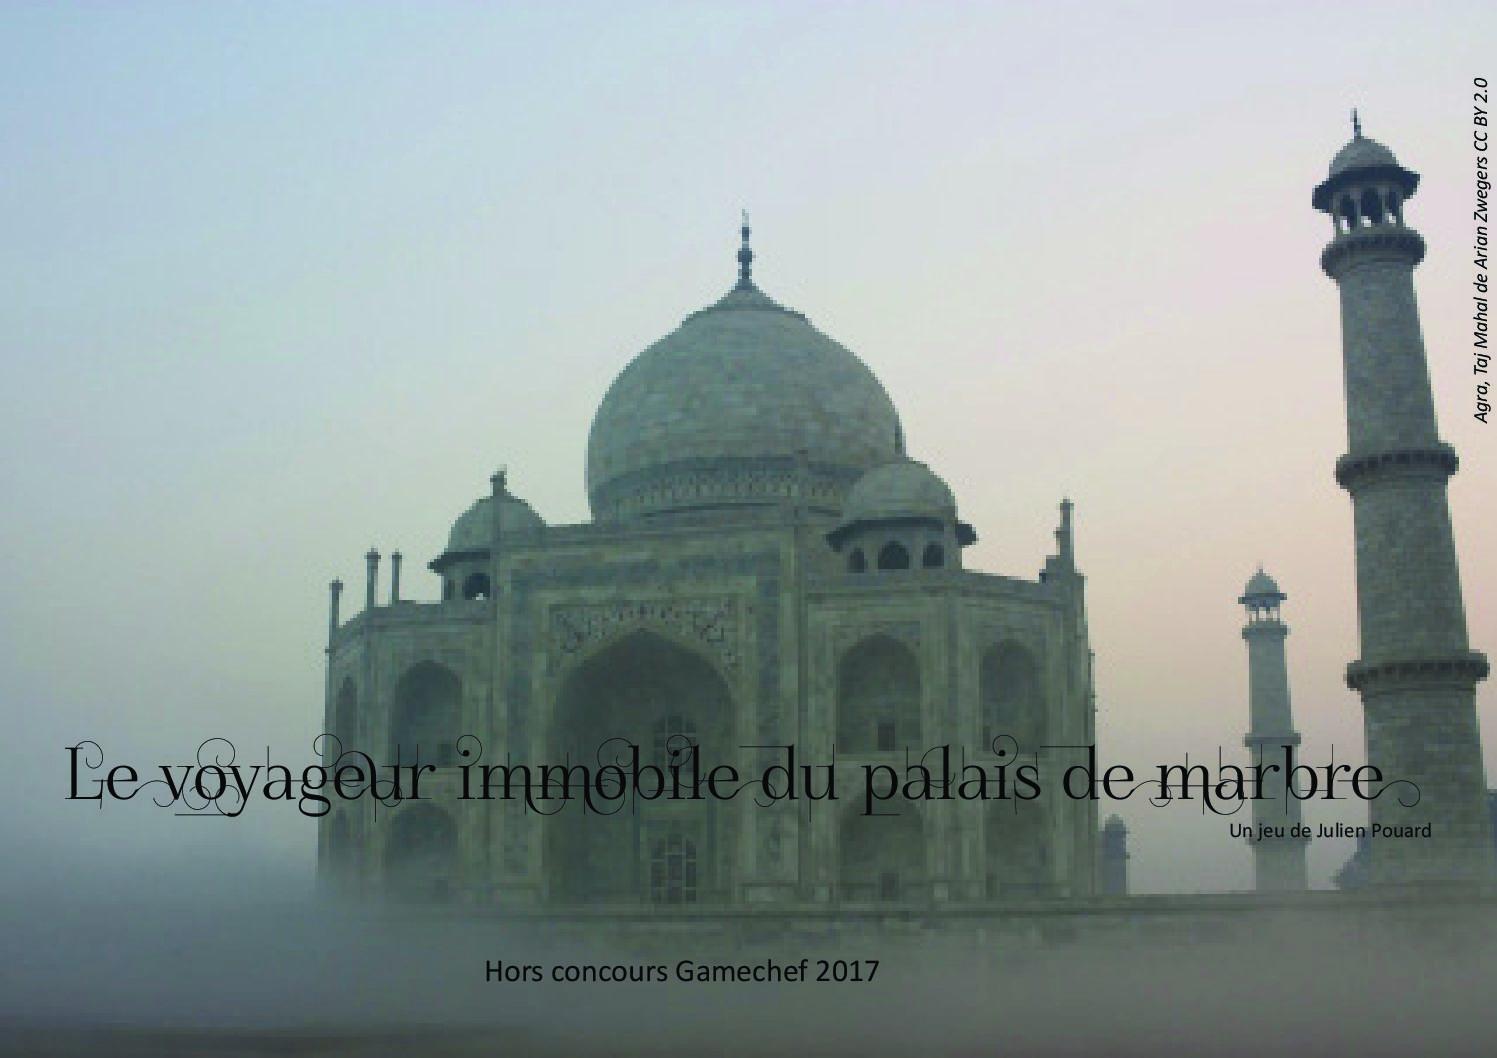 Le Voyageur immobile du palais de marbre